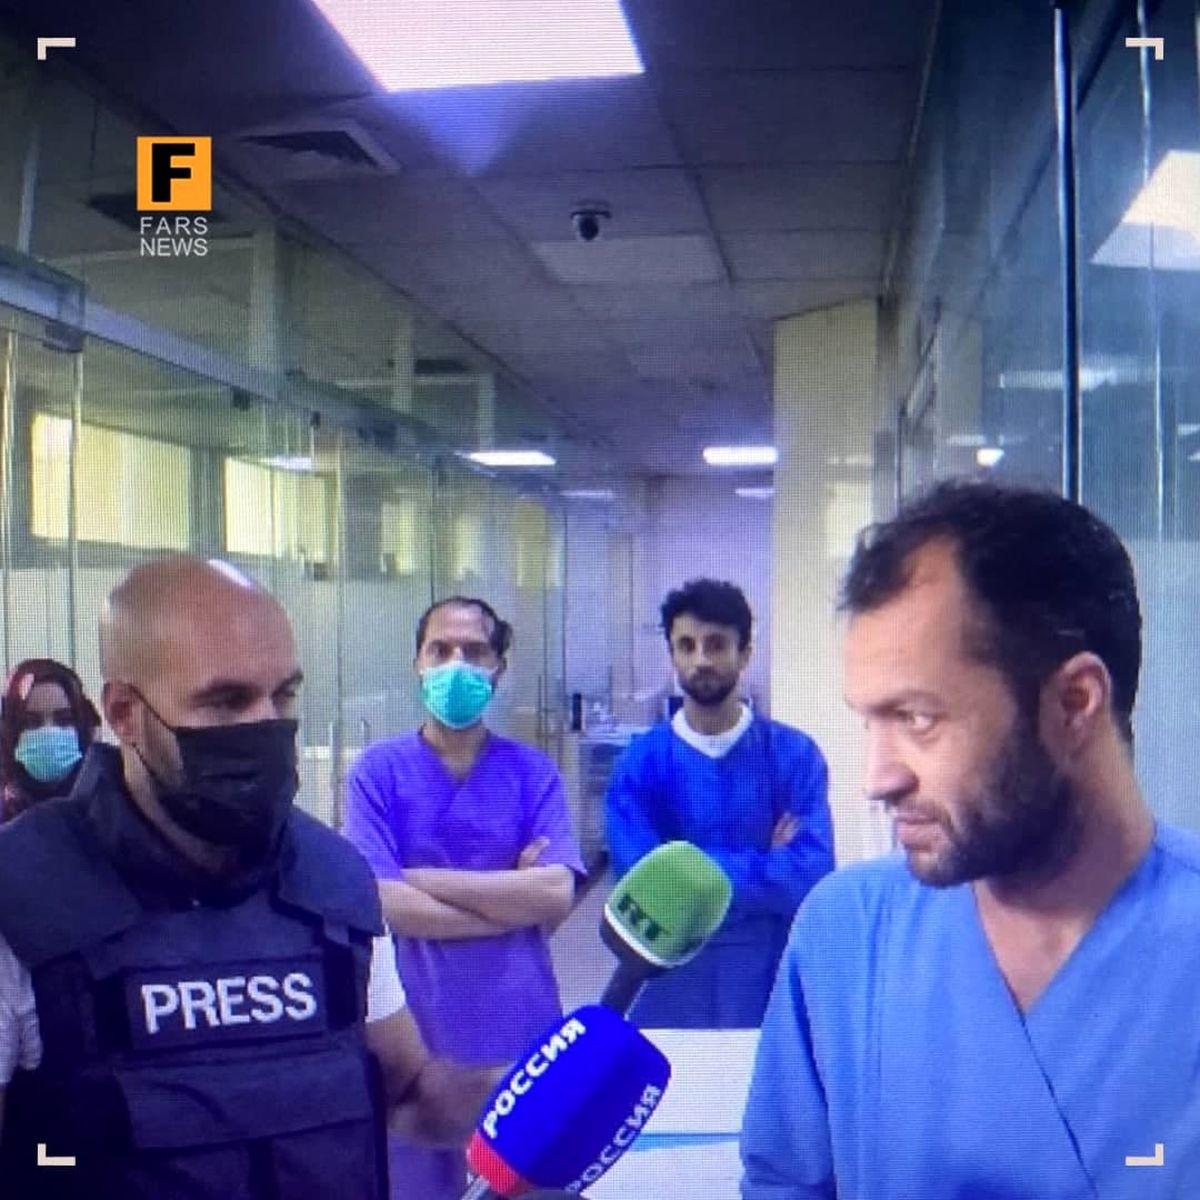 شلیک به جسدهای مردم در فرودگاه کابل!+ عکس